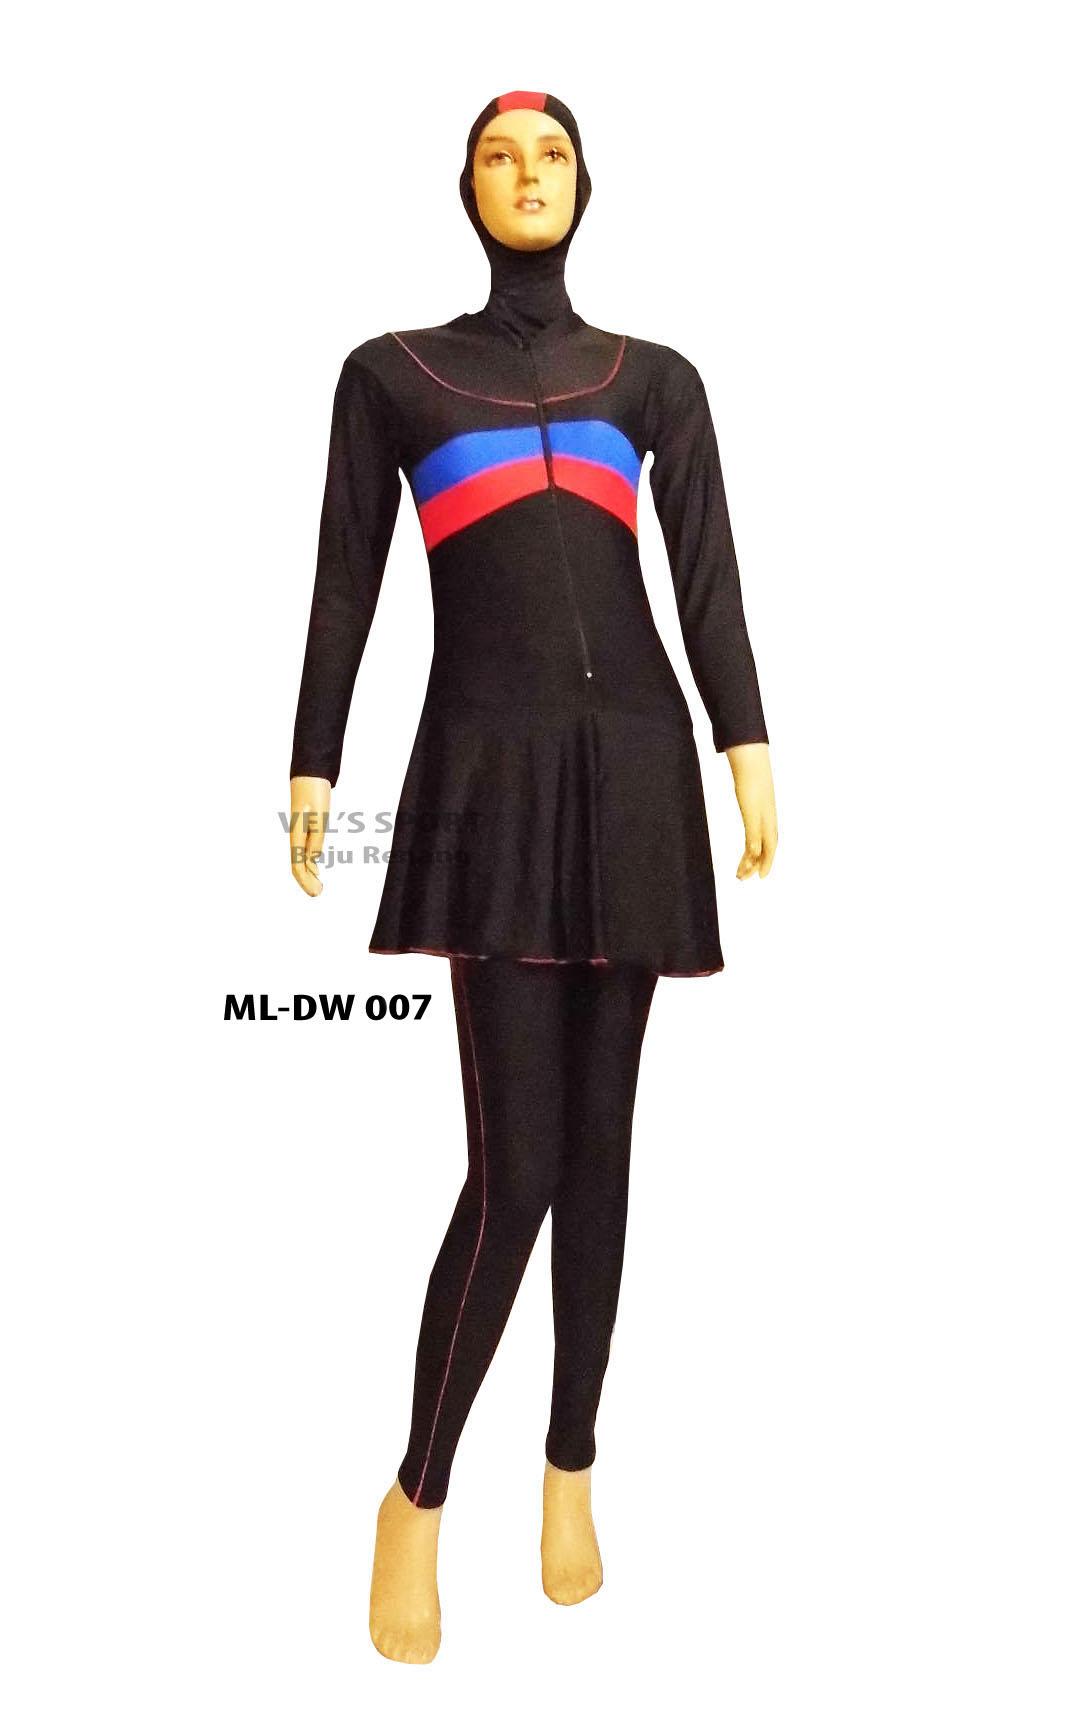 Baju Renang Muslimah ML DW 007